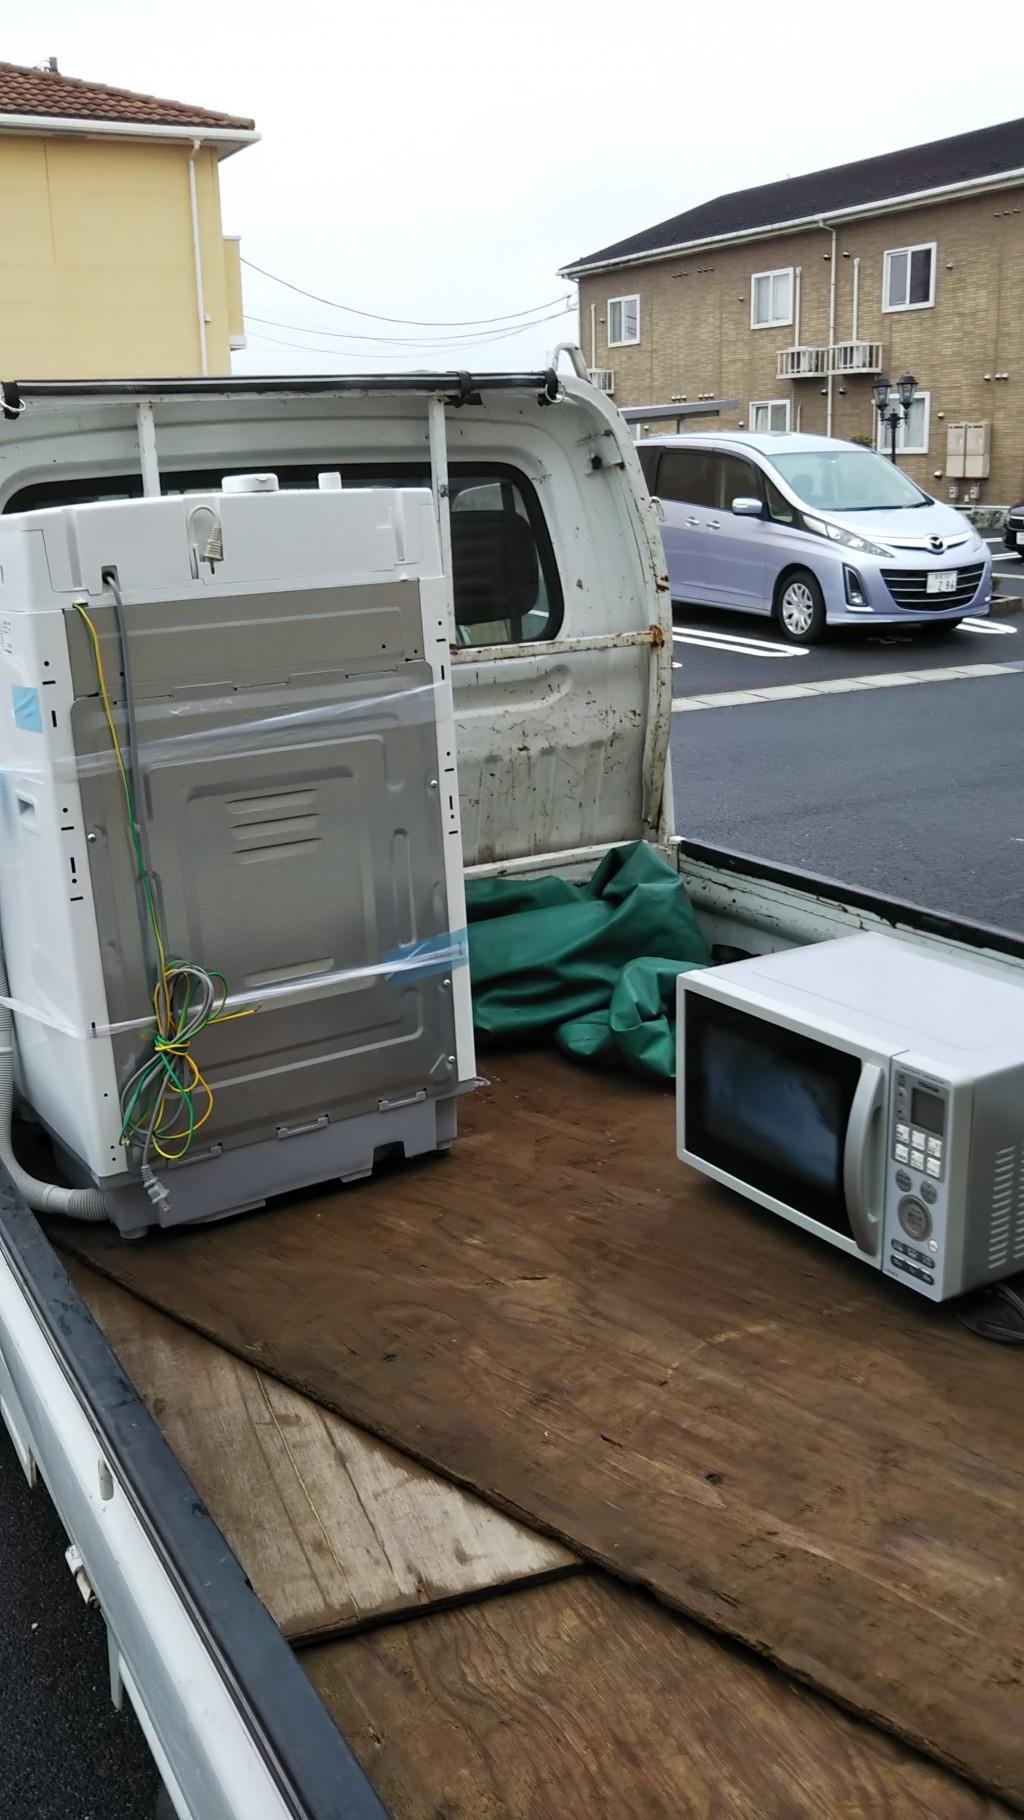 【出雲市斐川町】洗濯機と電子レンジの回収 お客様の声